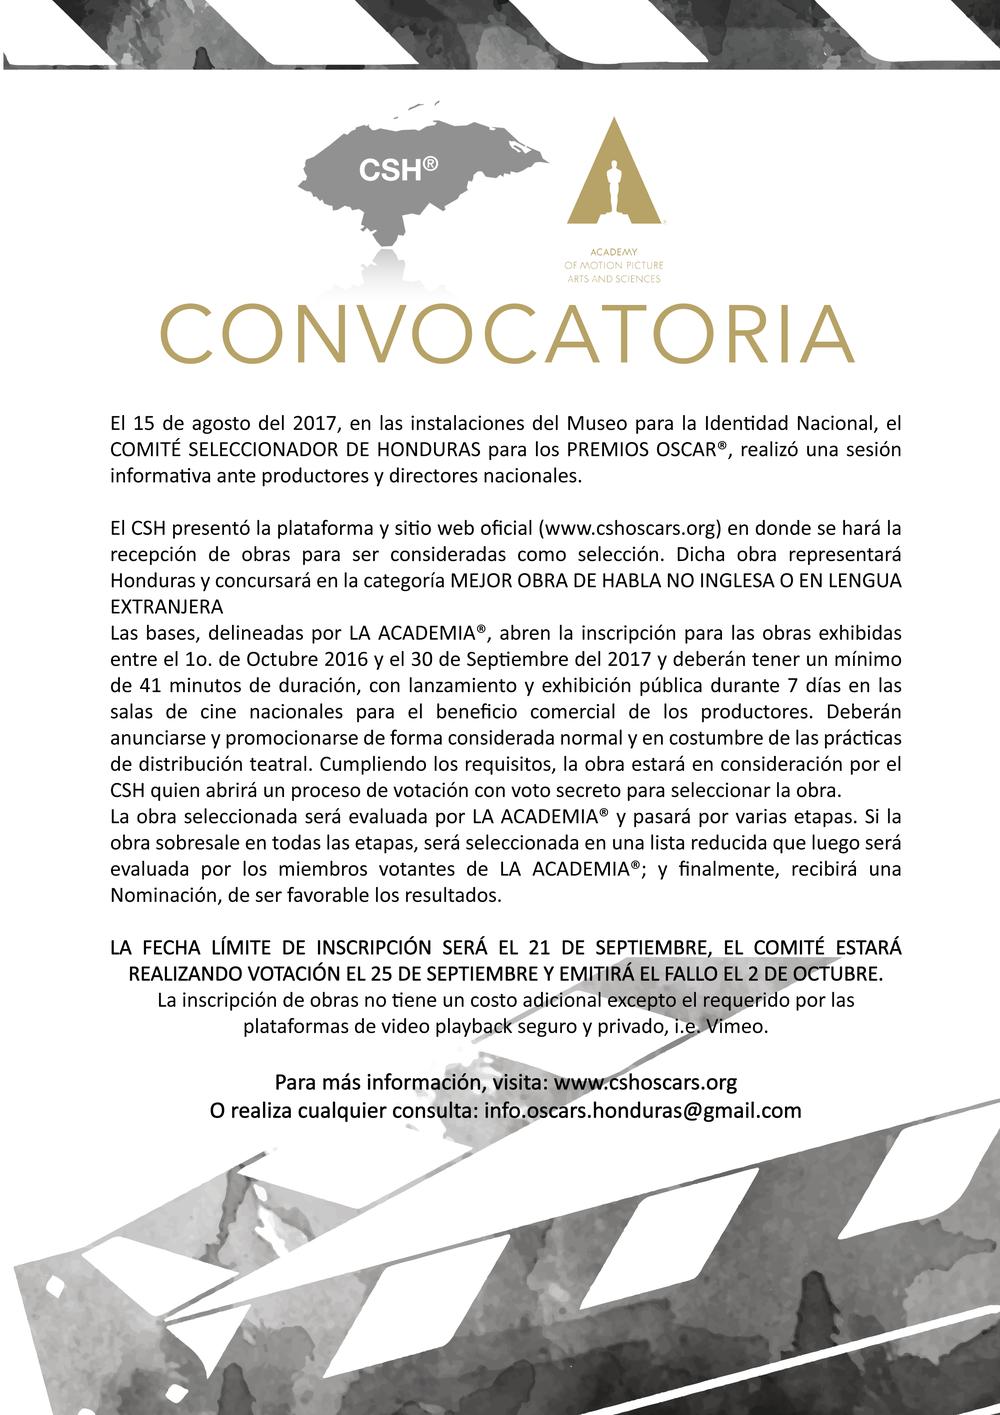 convocatoria-01.png